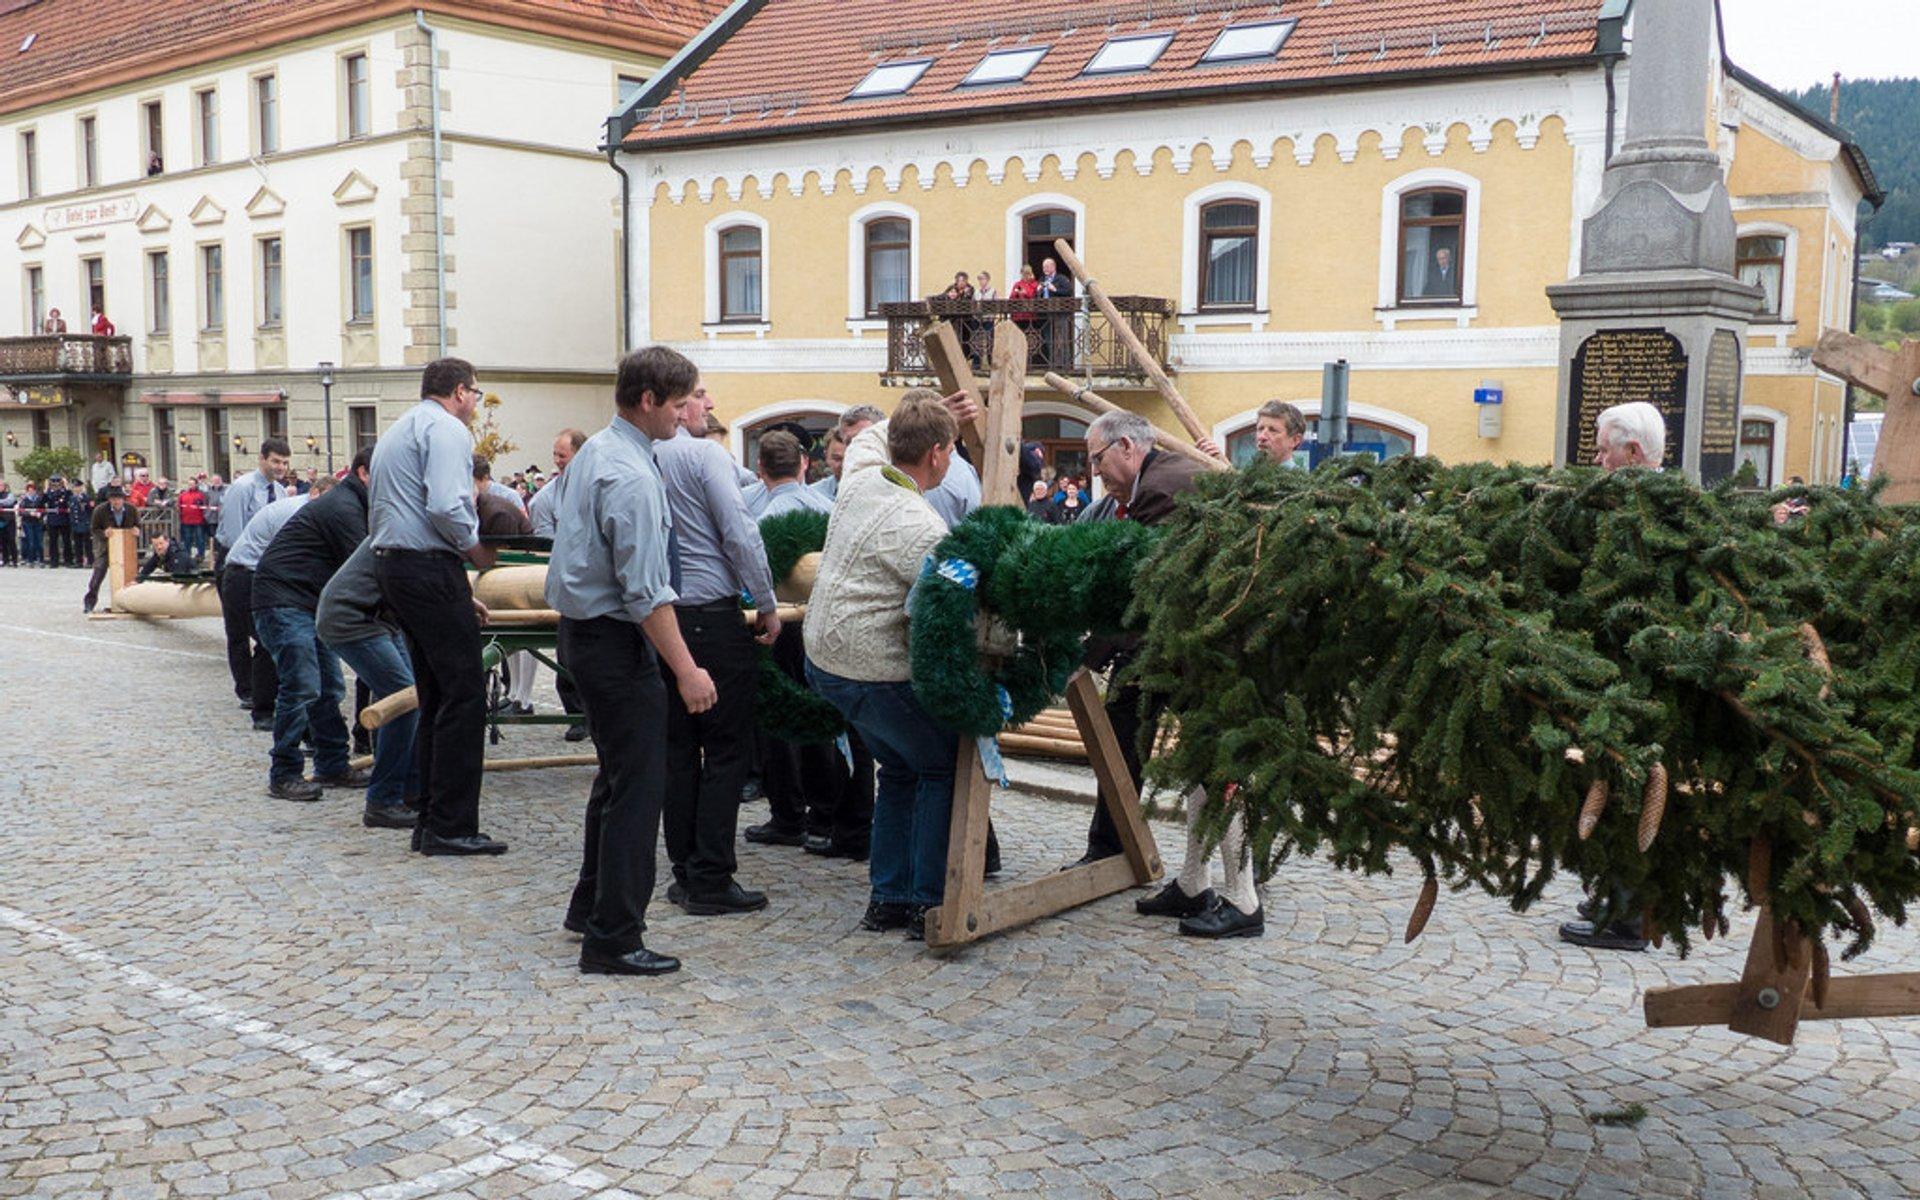 Maibaumaufstellen (May Day Festival) in Bavaria - Best Season 2020